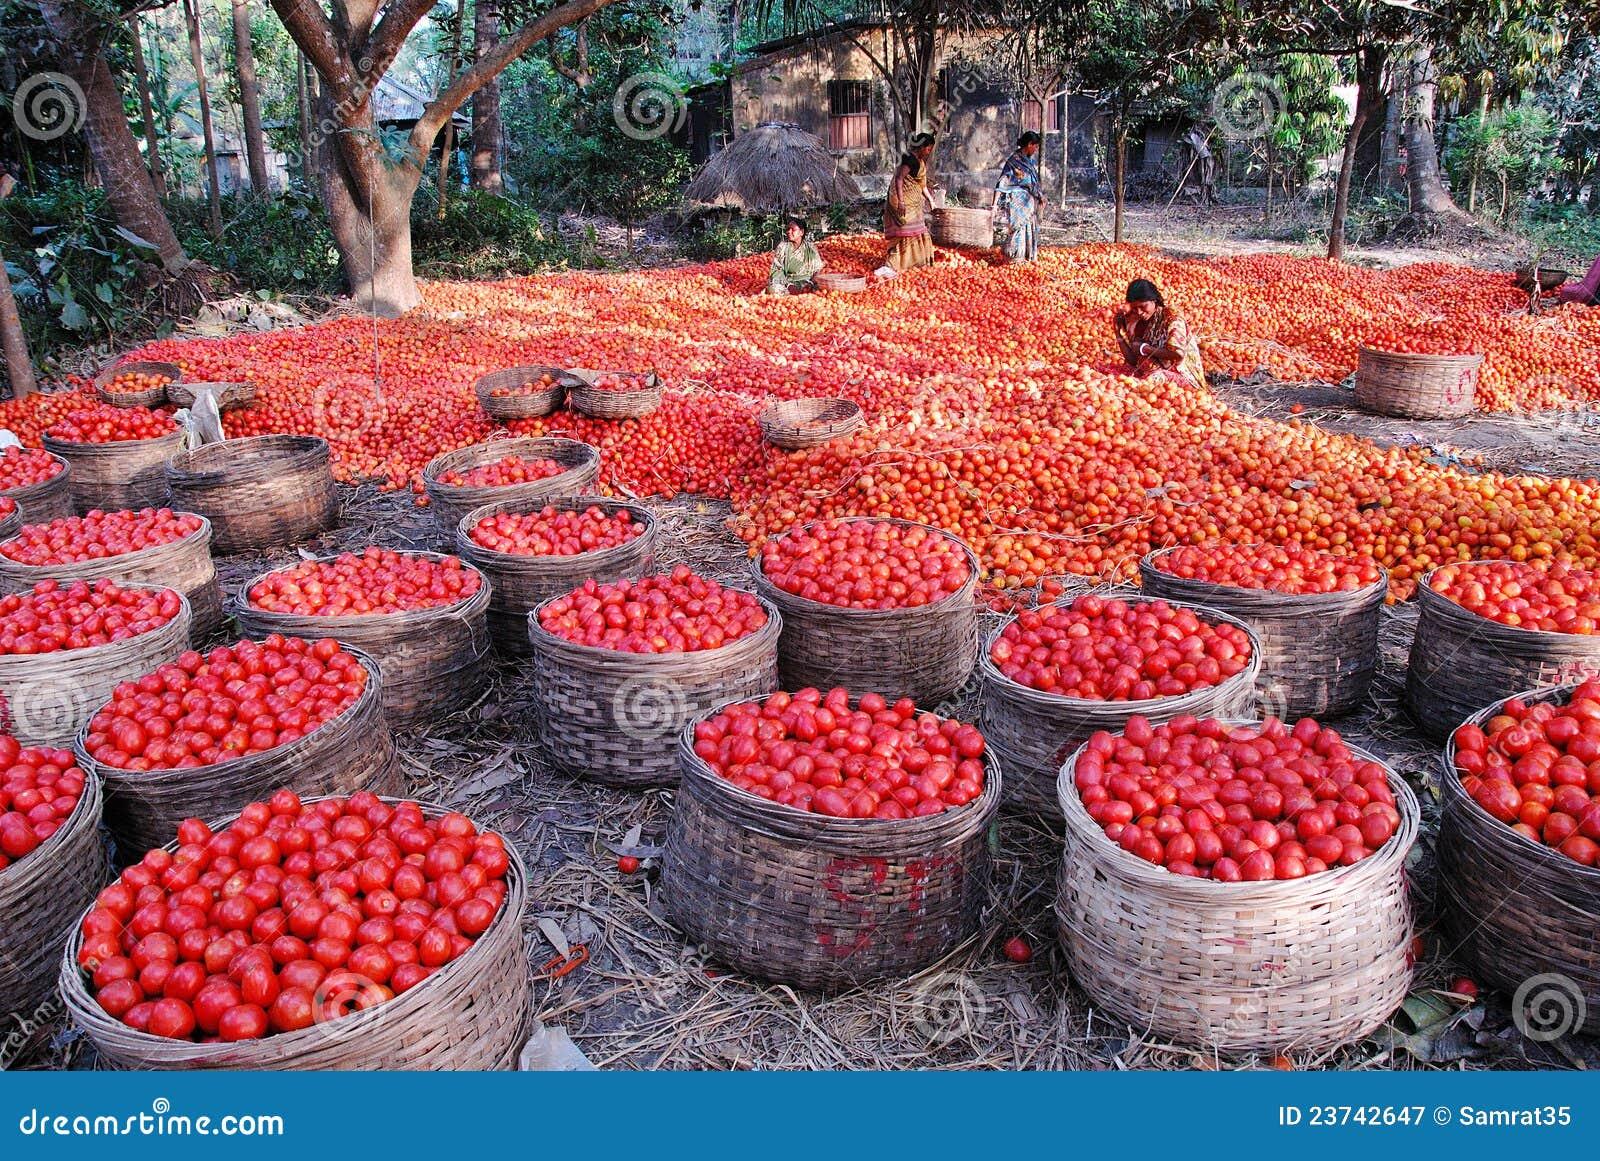 Agricultura em India